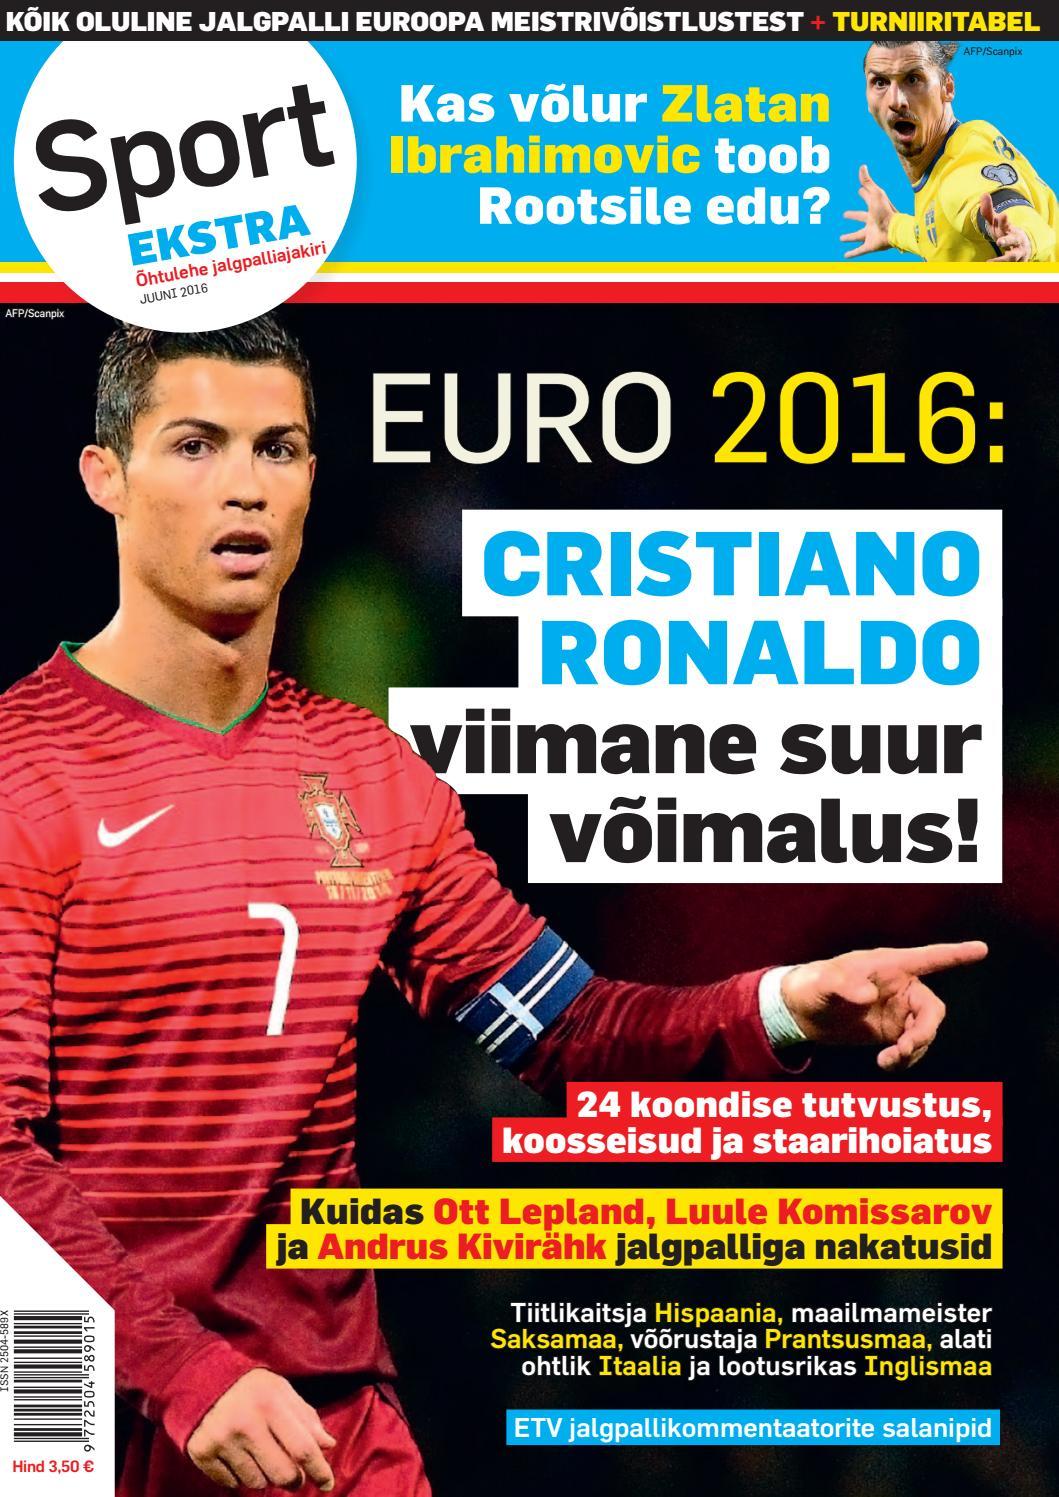 b61165637a0 Sport Ekstra/Õhtulehe jalgpalliajakiri juuni 2016 by SL Õhtuleht AS - issuu